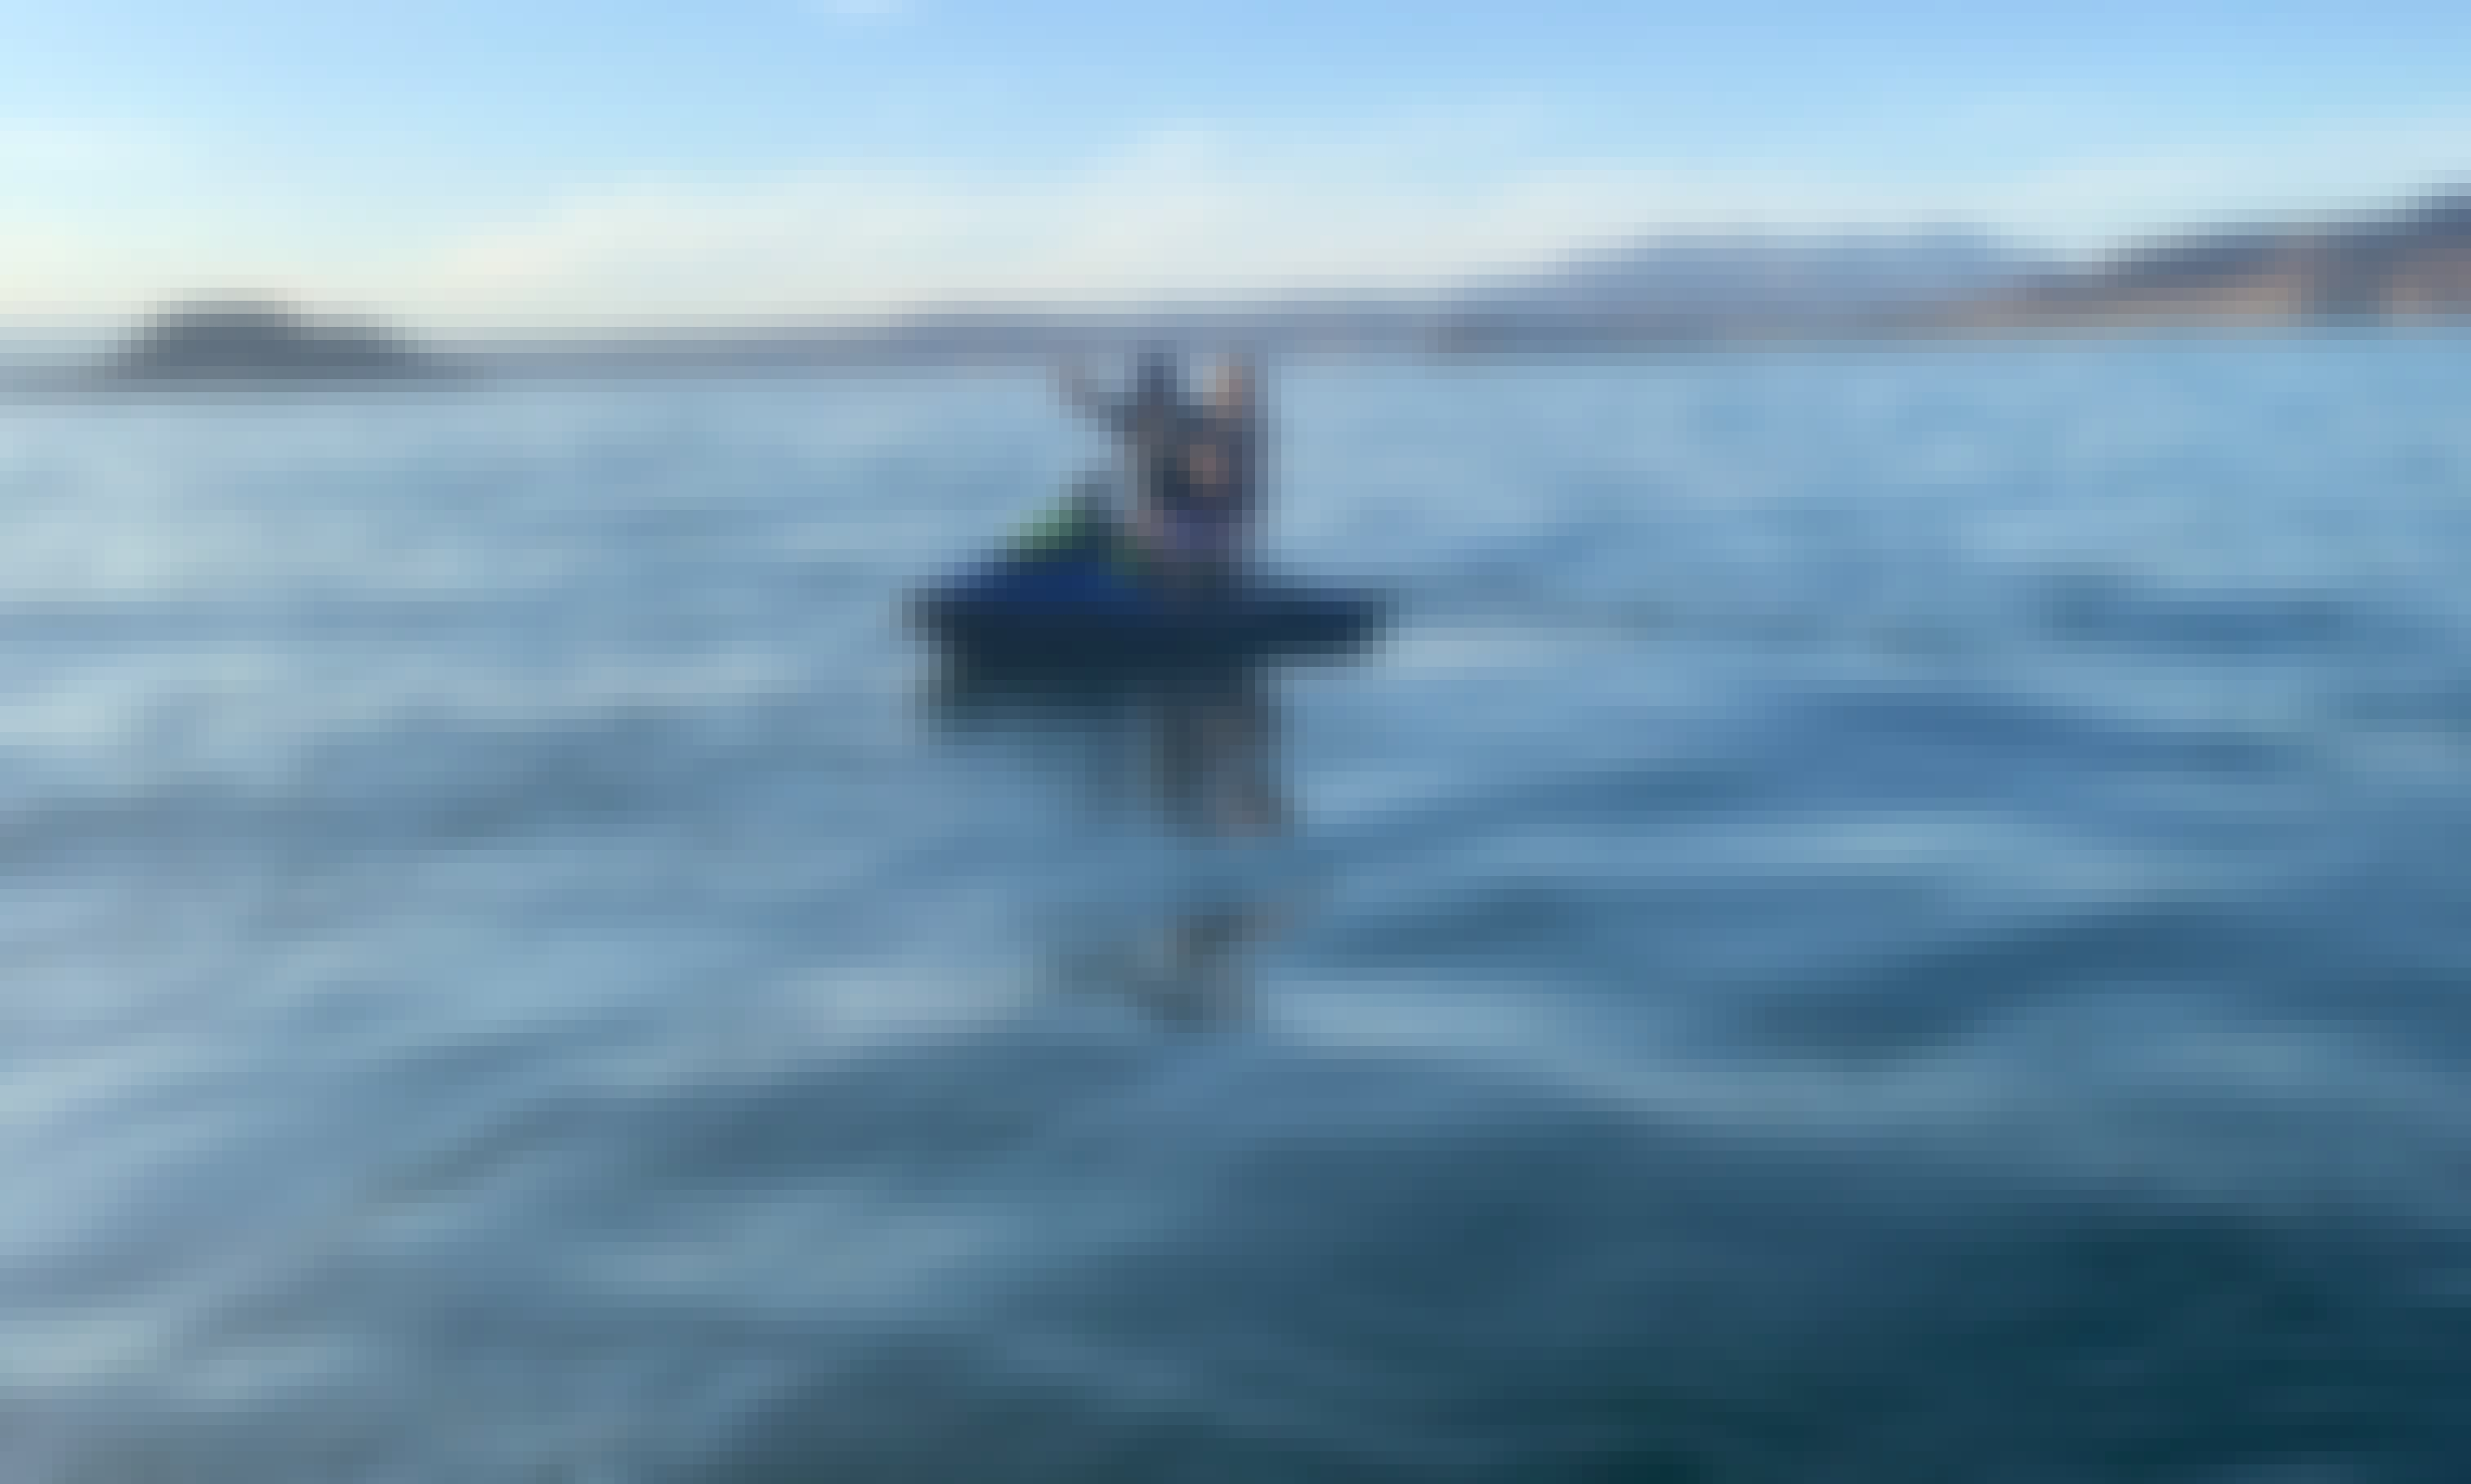 NEW Seadoo Spark Jetski Rental on Lake Mead